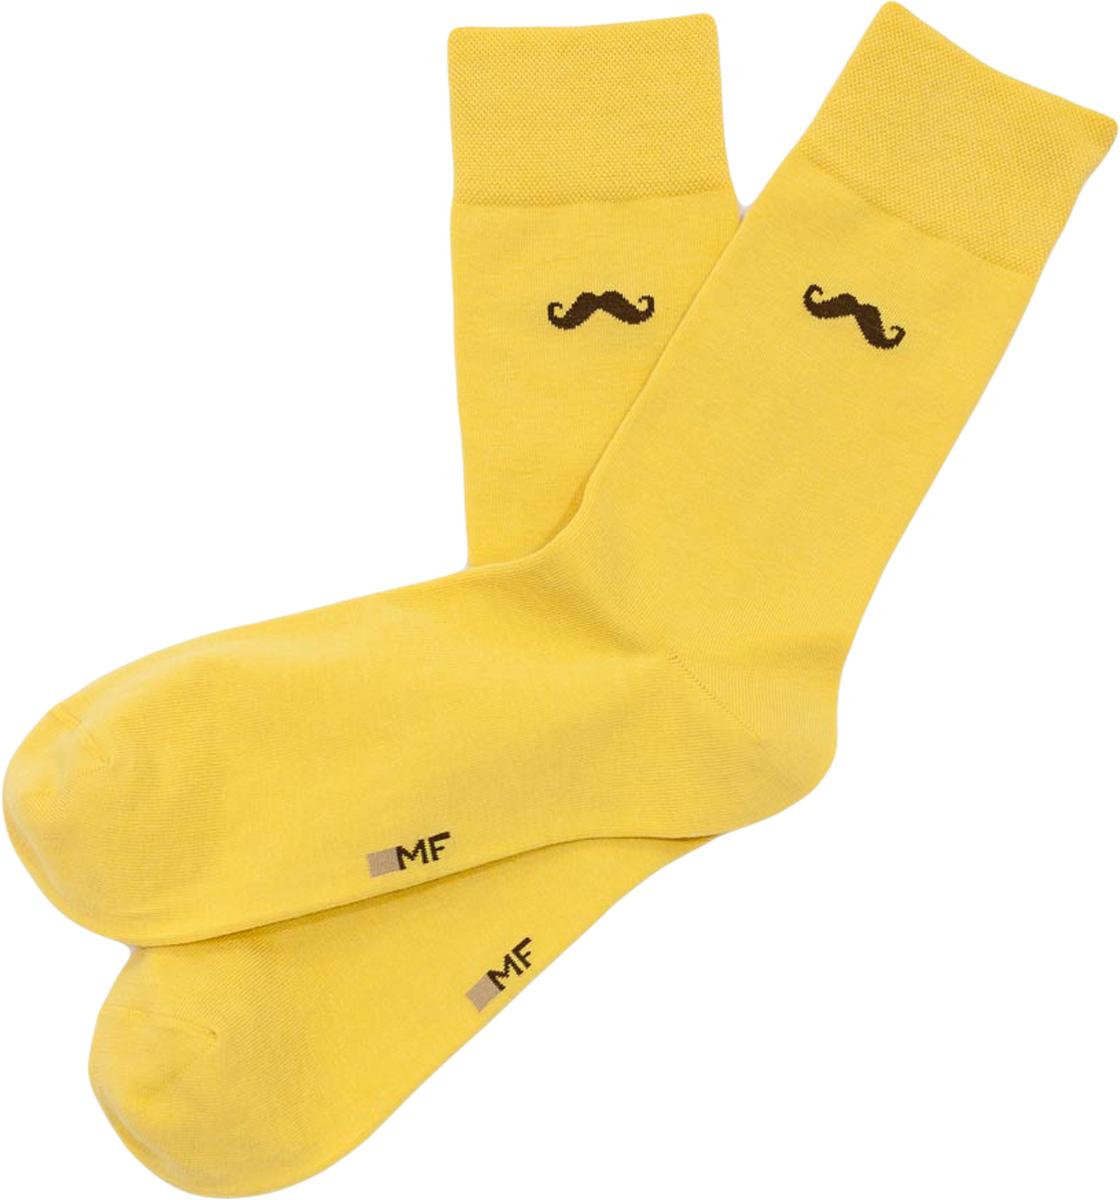 Носки мужские Mark Formelle, цвет: горчичный. 001K-226. Размер 40/41001K-226Удобные носки от Mark Formelle, изготовленные из высококачественного хлопкового материала с добавлением полиамида и эластана, очень мягкие и приятные на ощупь, позволяют коже дышать. Эластичная резинка плотно облегает ногу, не сдавливая ее, обеспечивая комфорт и удобство. Сбоку на щиколотке носки оформлены принтом усы.